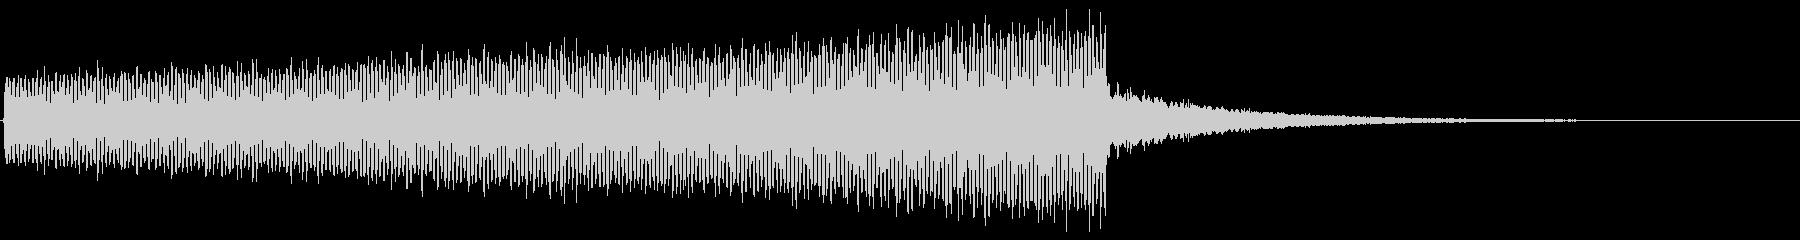 ピューン(メーター、ゲージ上昇音)2の未再生の波形